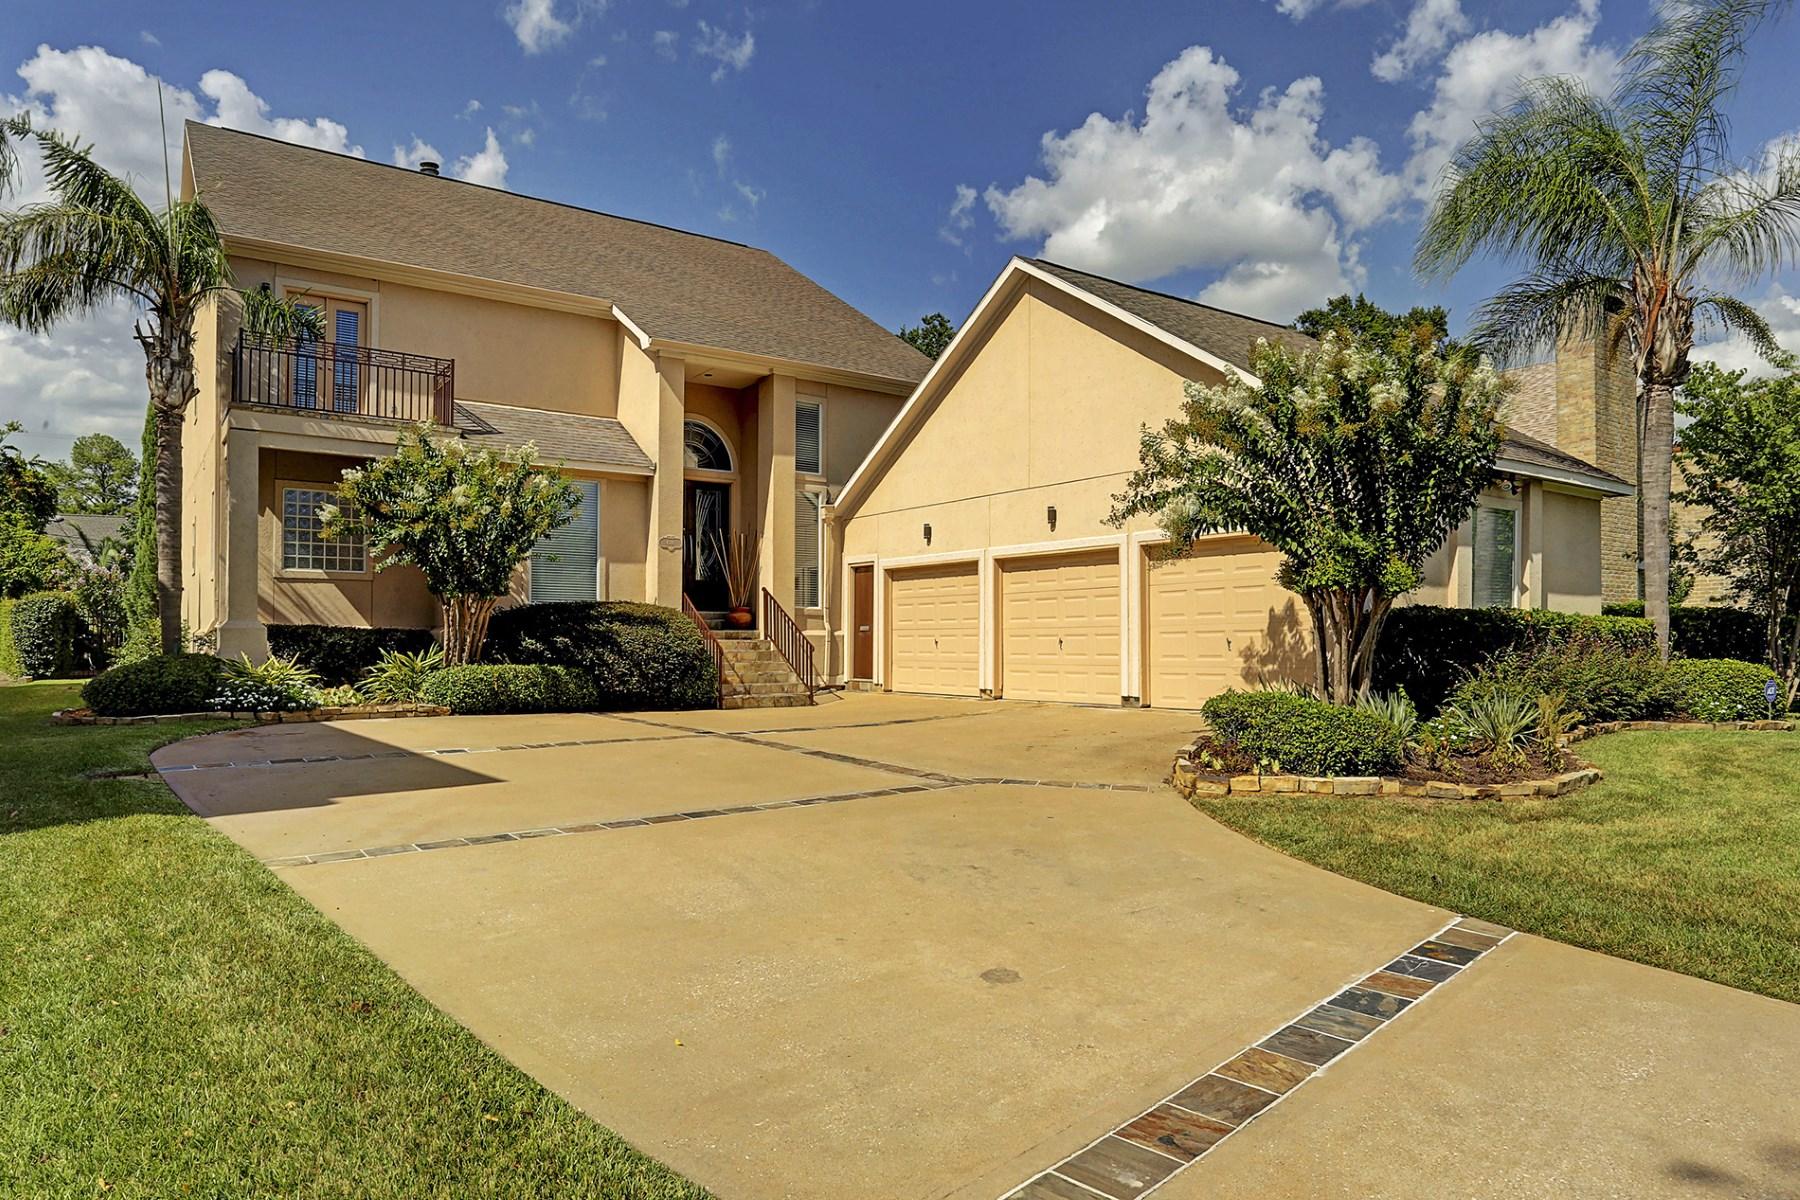 Частный односемейный дом для того Продажа на 4391 North Macgregor Way Houston, Техас, 77004 Соединенные Штаты